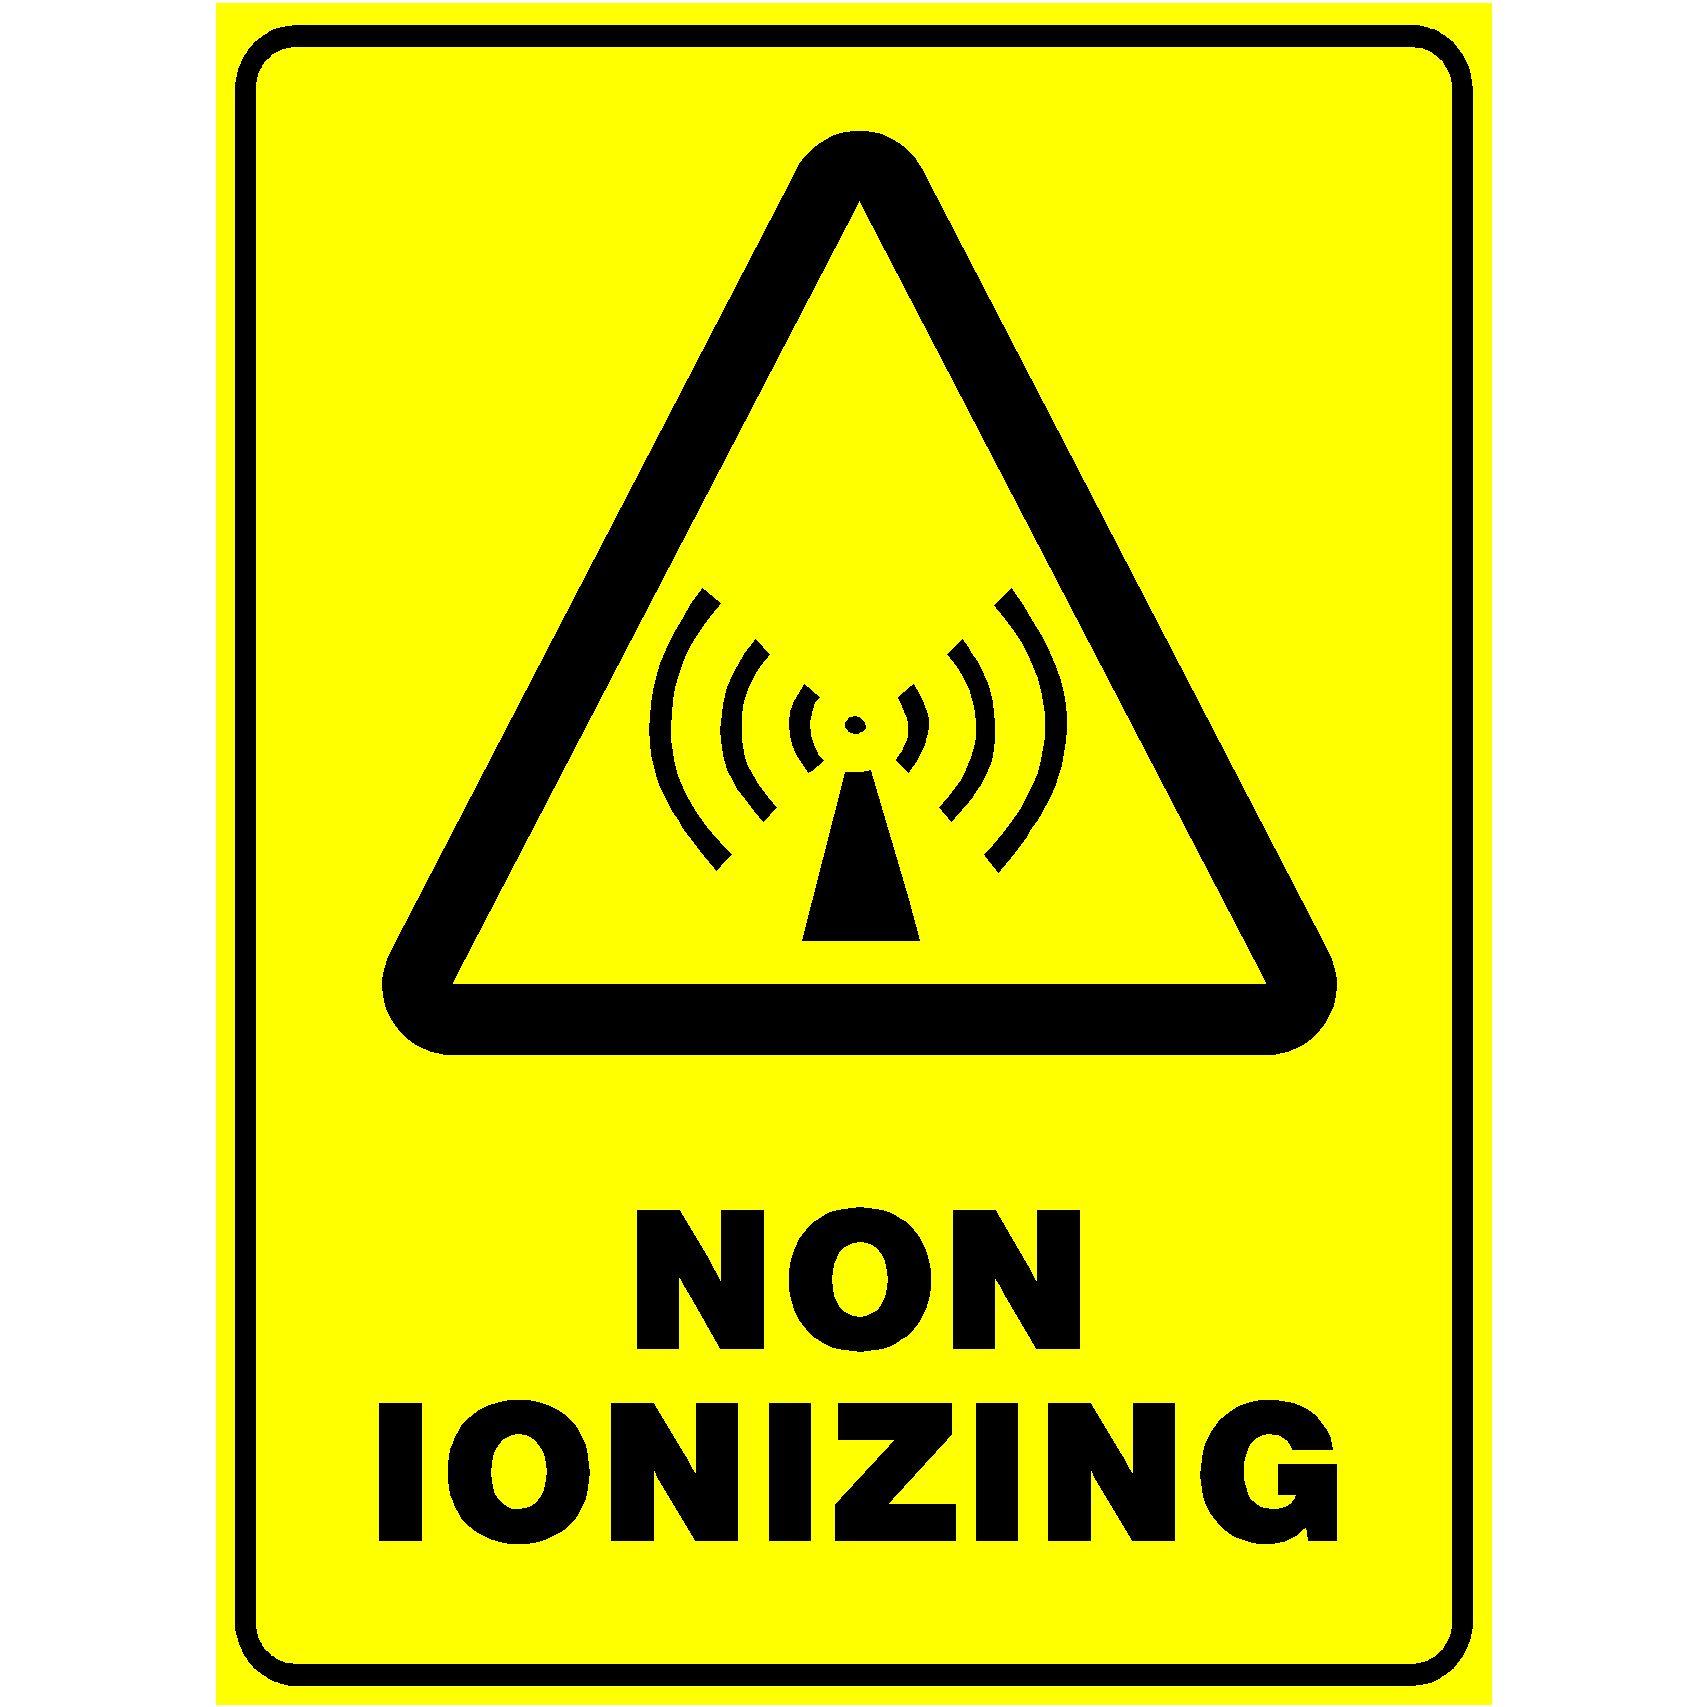 Non Ionizing